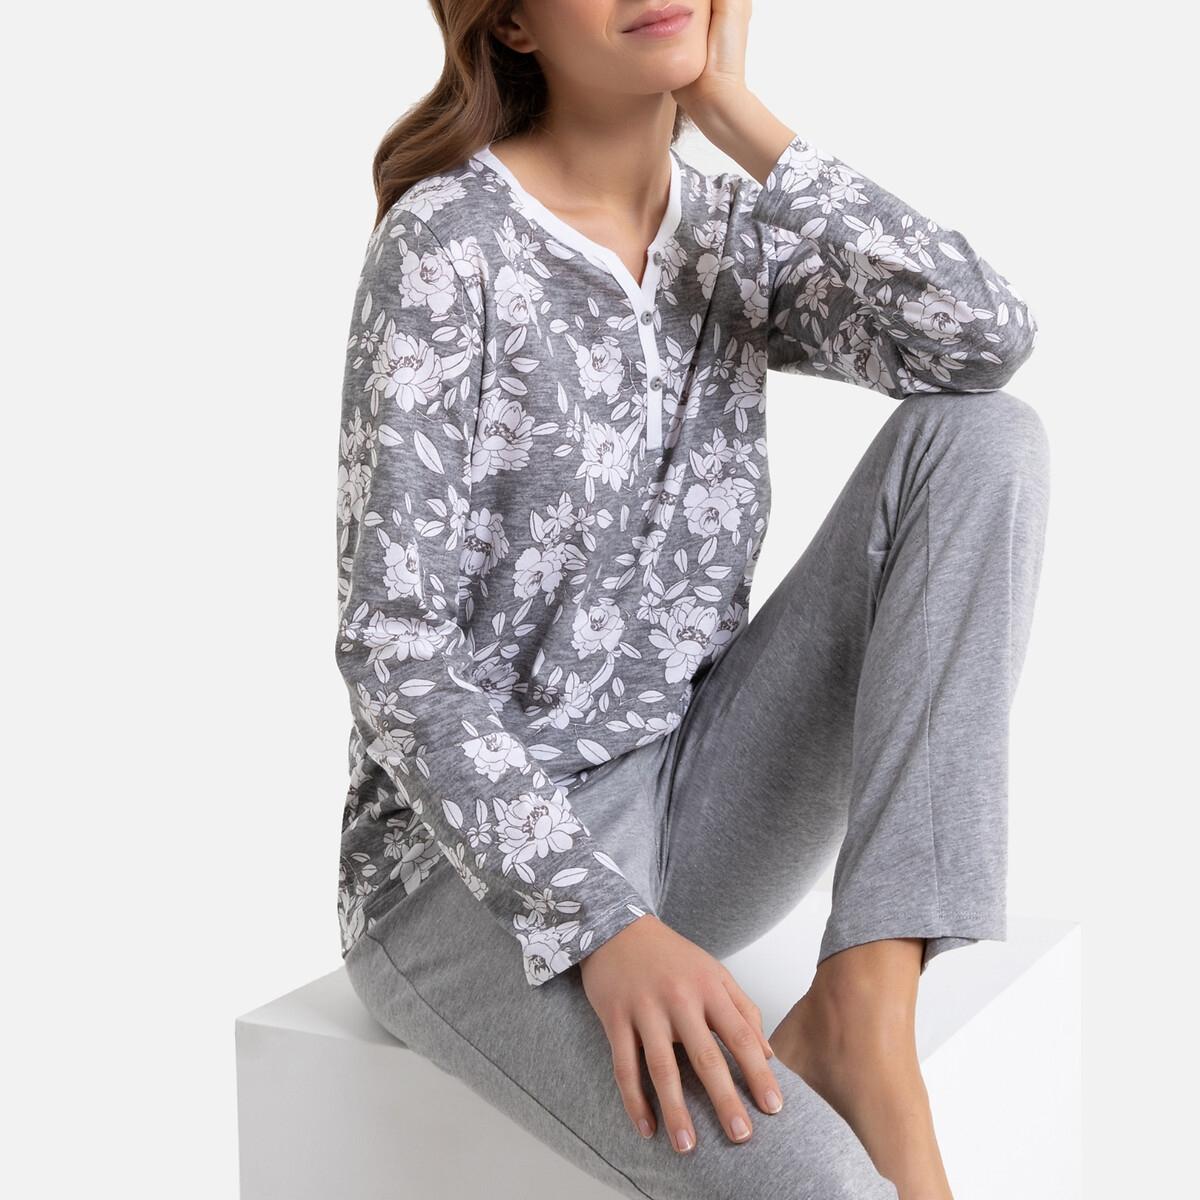 Pijama de mangas compridas, puro algodão